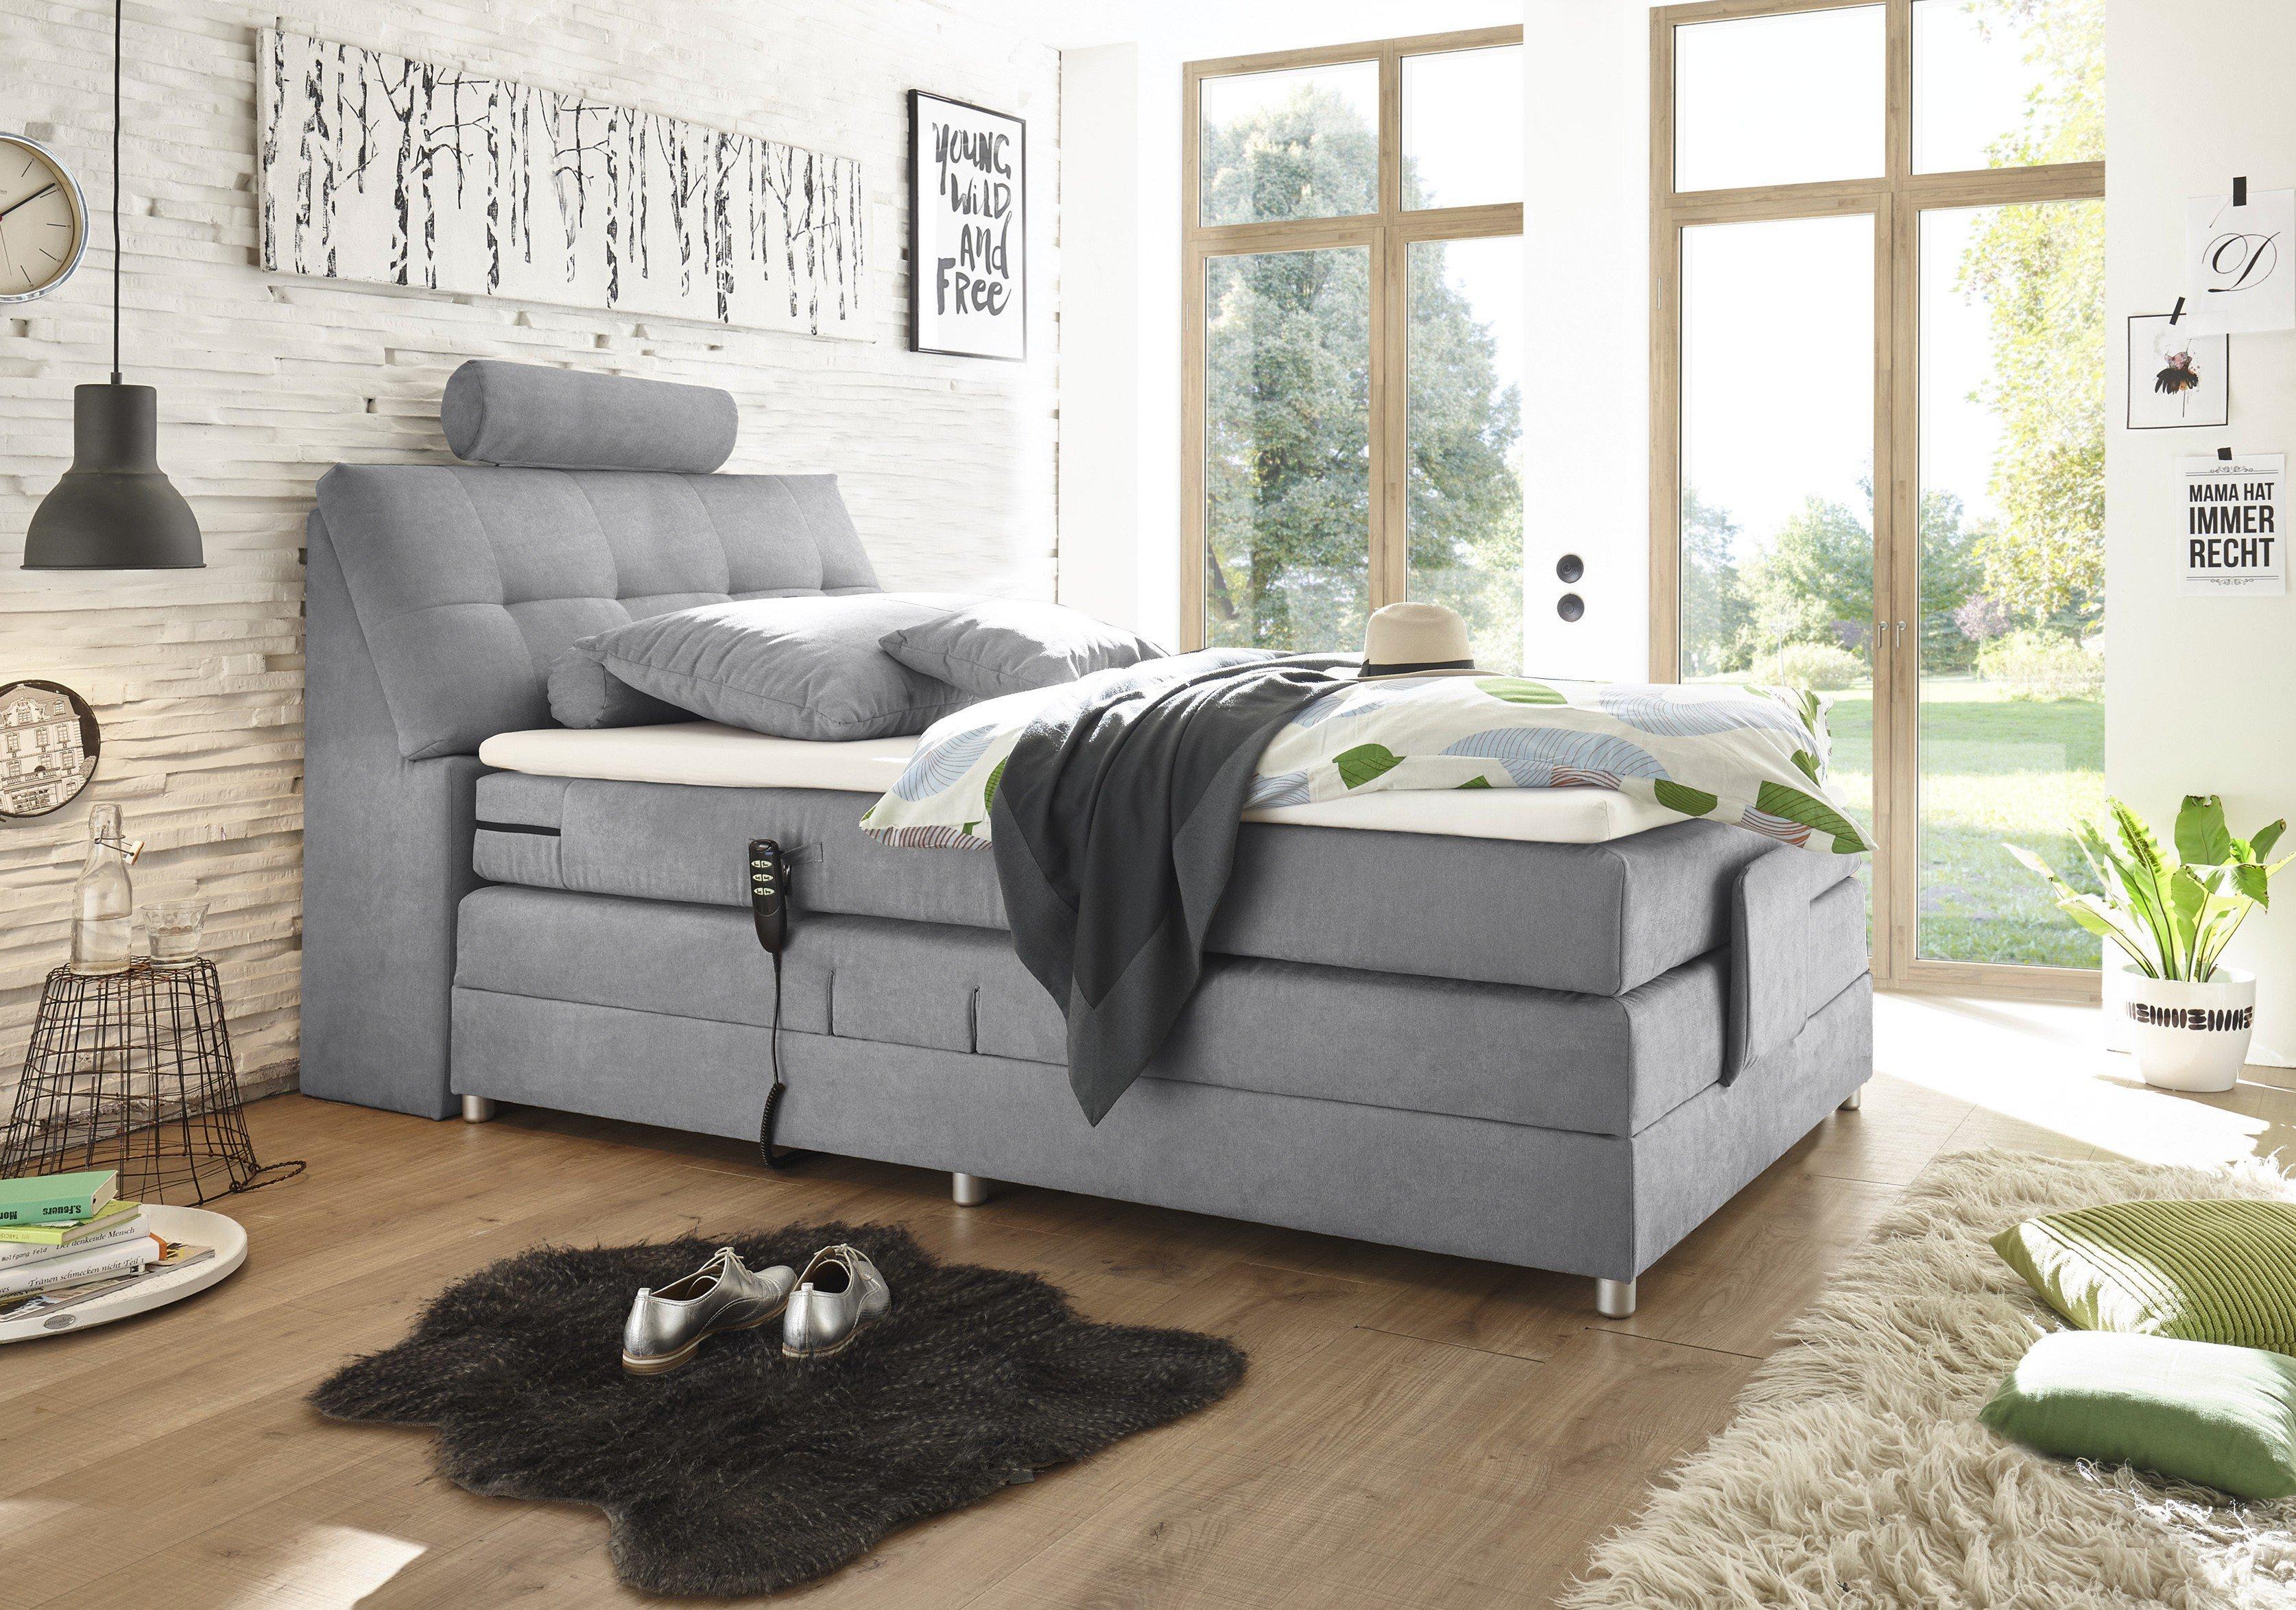 schlafzimmer in arles analyse 2 lattenroste 1 matratze 160 blut aus bettw sche entfernen. Black Bedroom Furniture Sets. Home Design Ideas